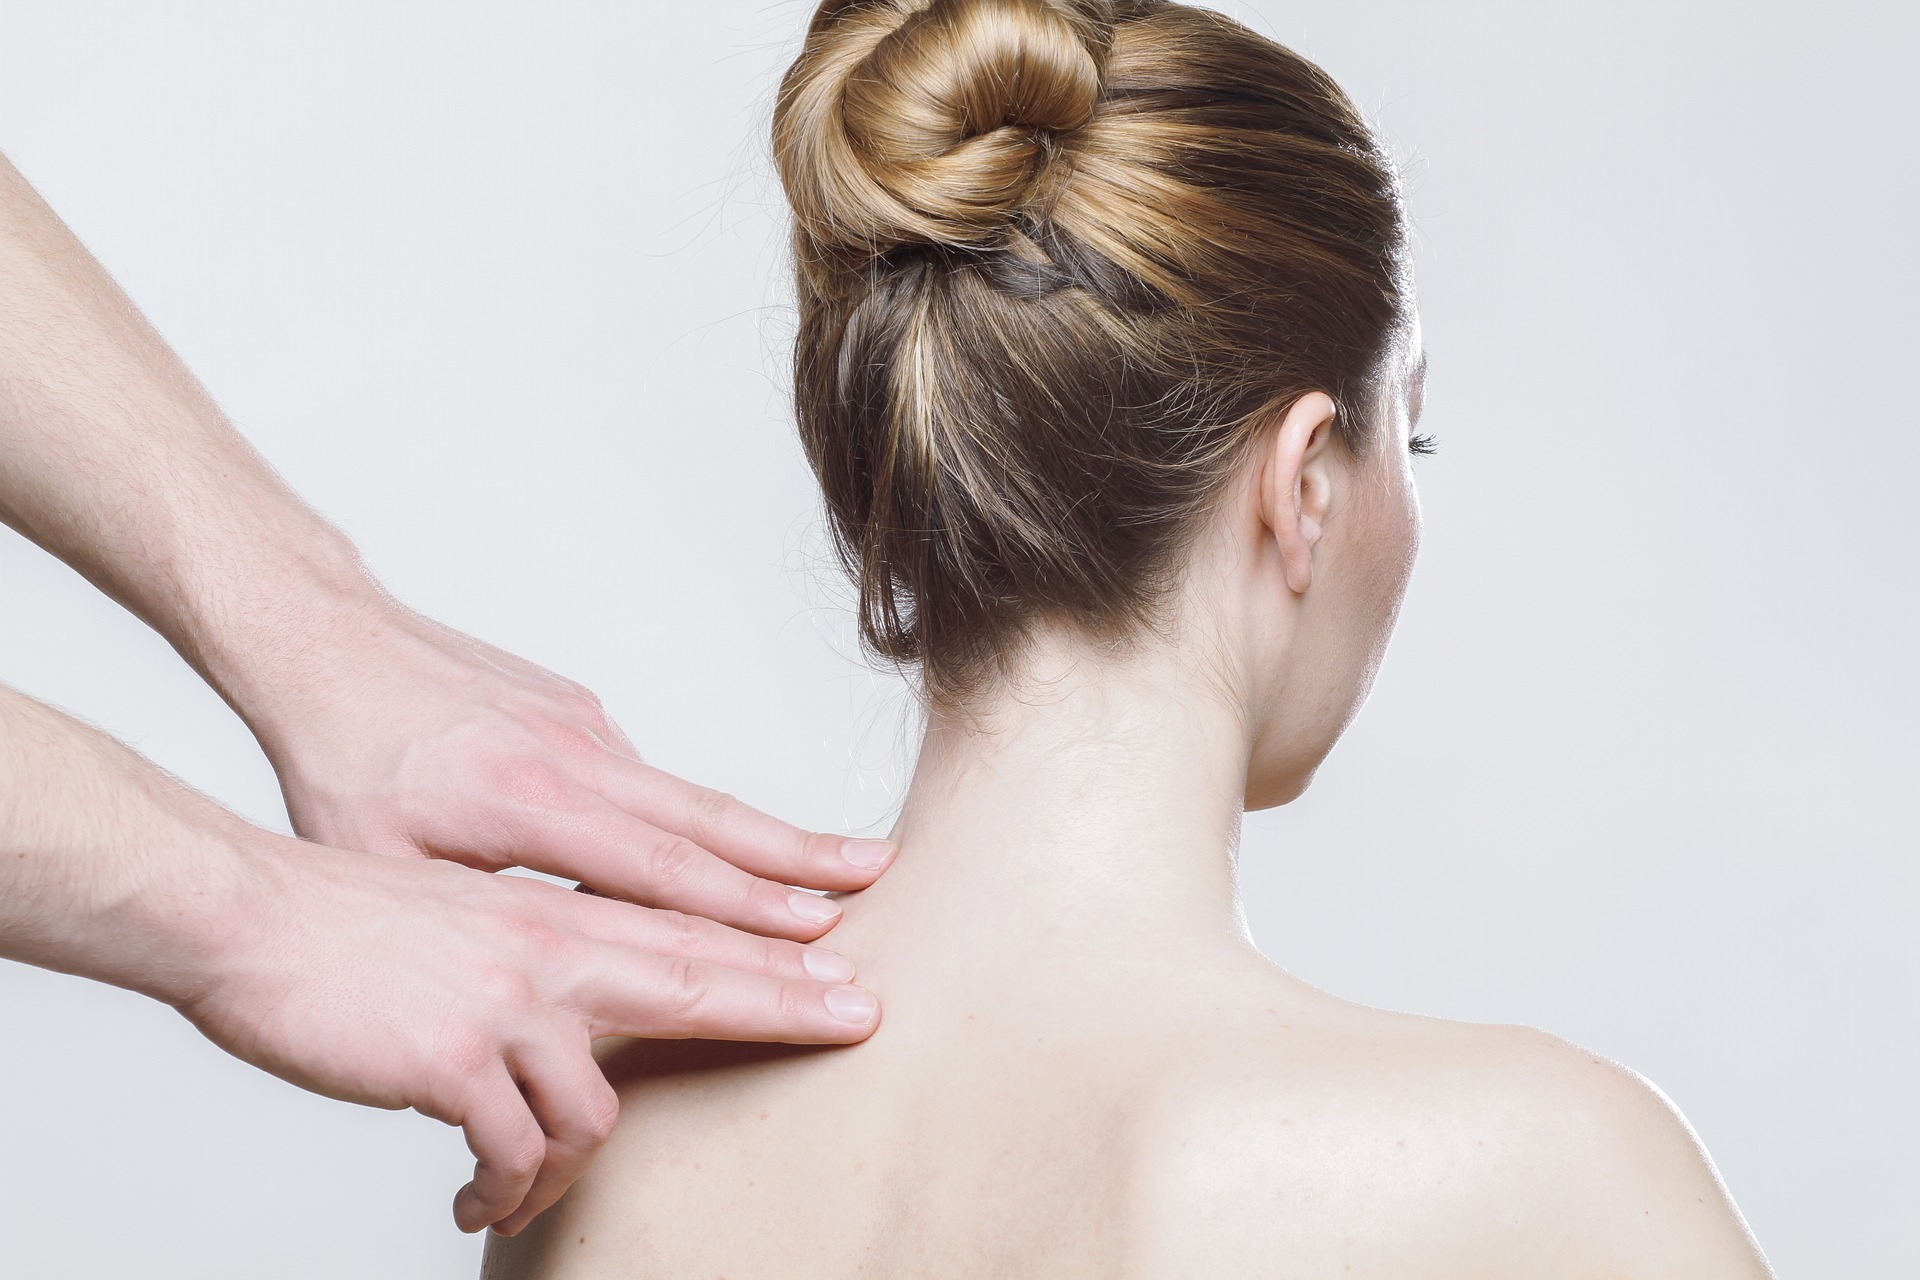 Masáž pomáhá odstranit nepříjemné bolesti zad